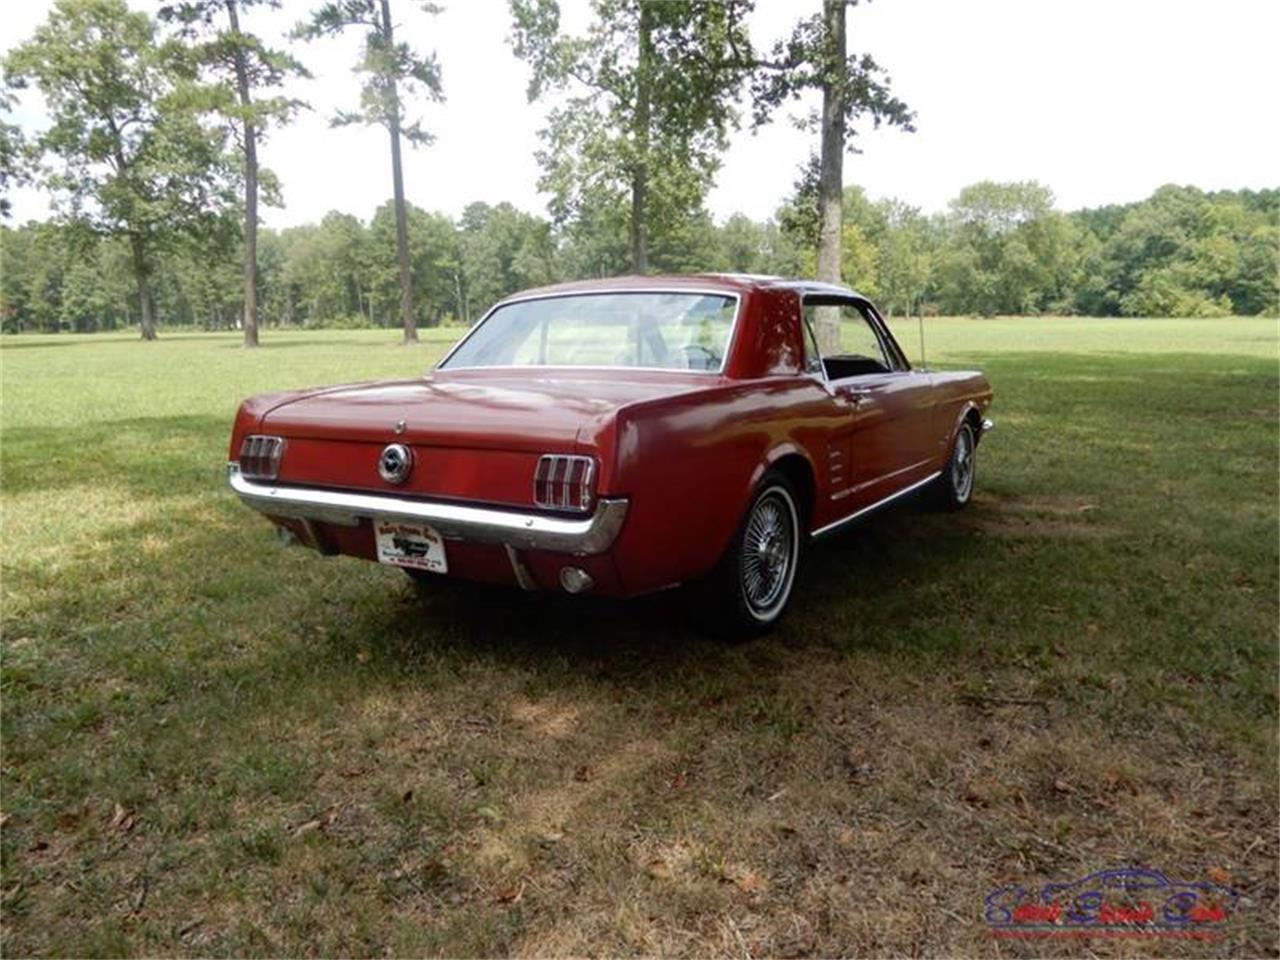 Ford Mustang Restaurées v8 289 1966  prix tout compris